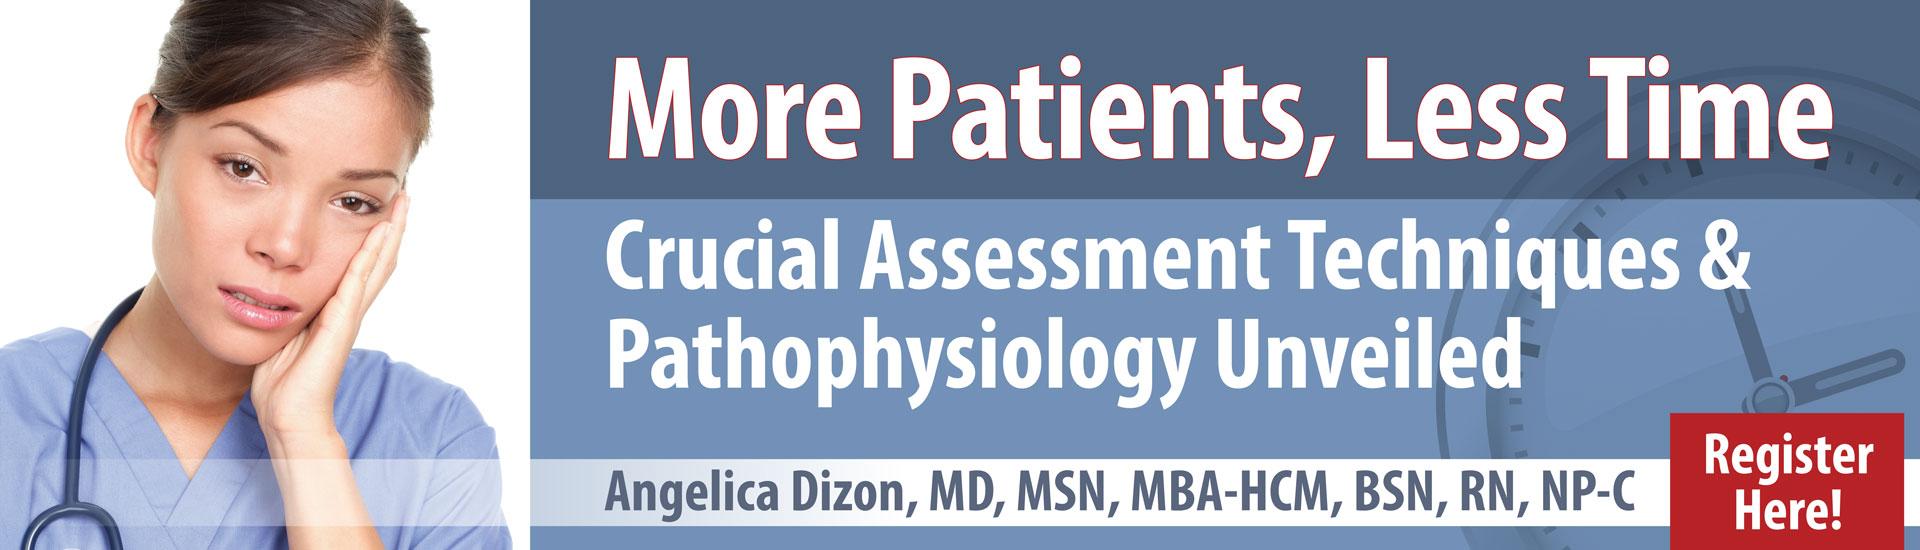 More Patients, Less Time: Crucial Assessment Techniques & Pathophysiology Unveiled